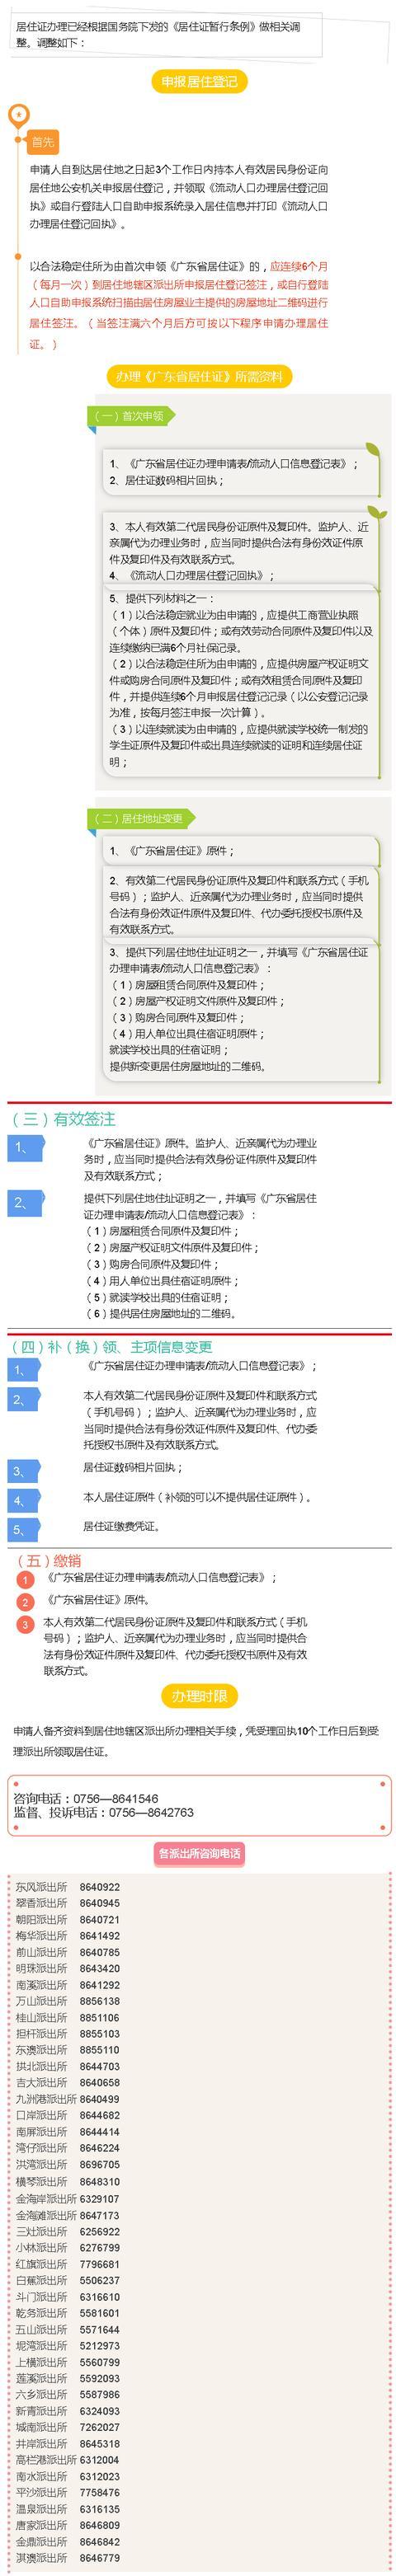 广东省居住证怎么申请_讼达网